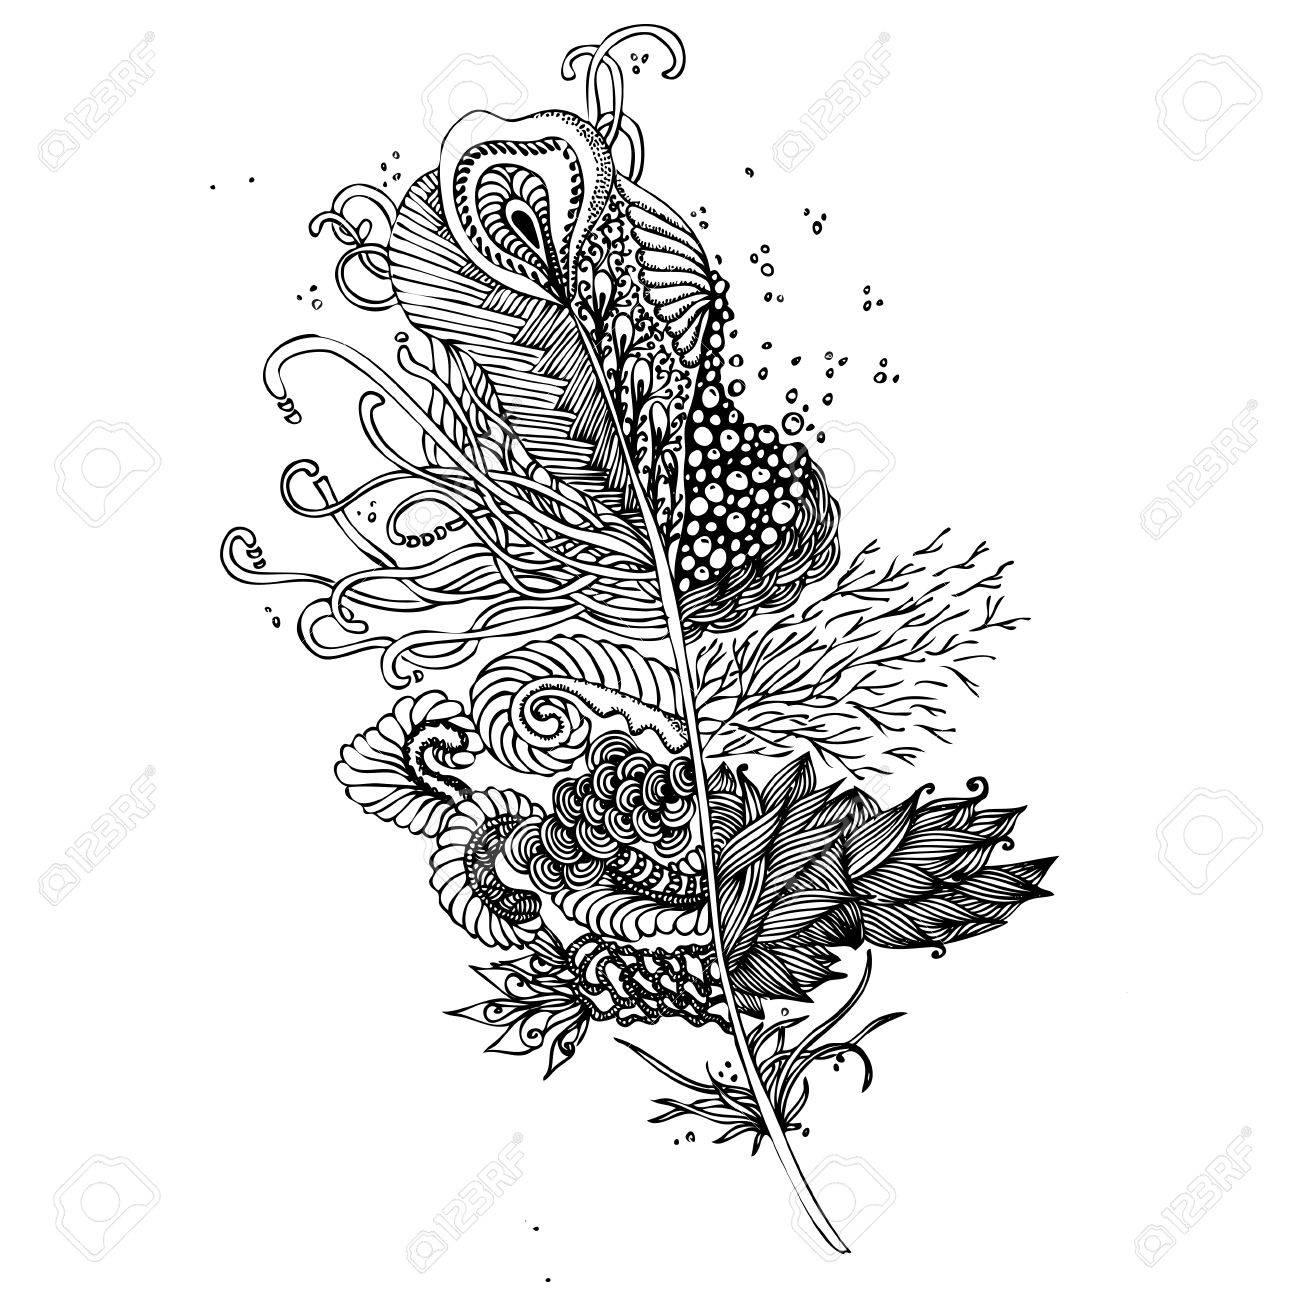 Feather Sur Un Fond Blanc Vintage Artistiquement Dessiné à La Main Plumes Tribale Stylisée Plume Doodle Dessin à L Encre Livre De Coloriage Noir